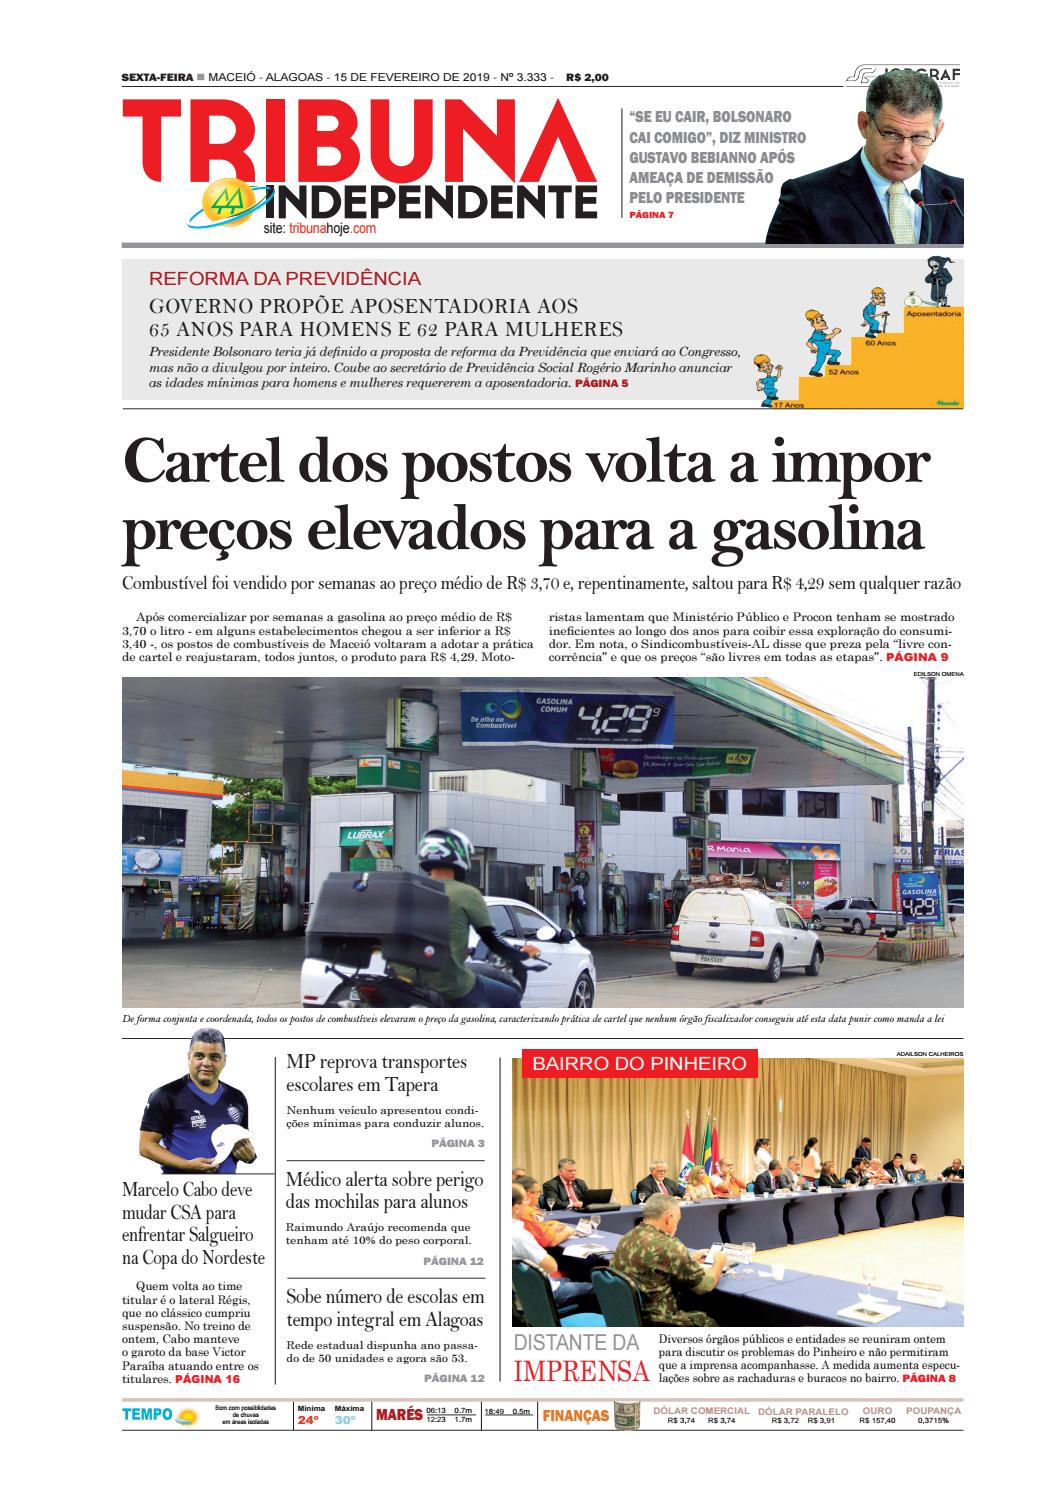 381270778f Edição número 3333 - 15 de fevereiro de 2019 by Tribuna Hoje - issuu